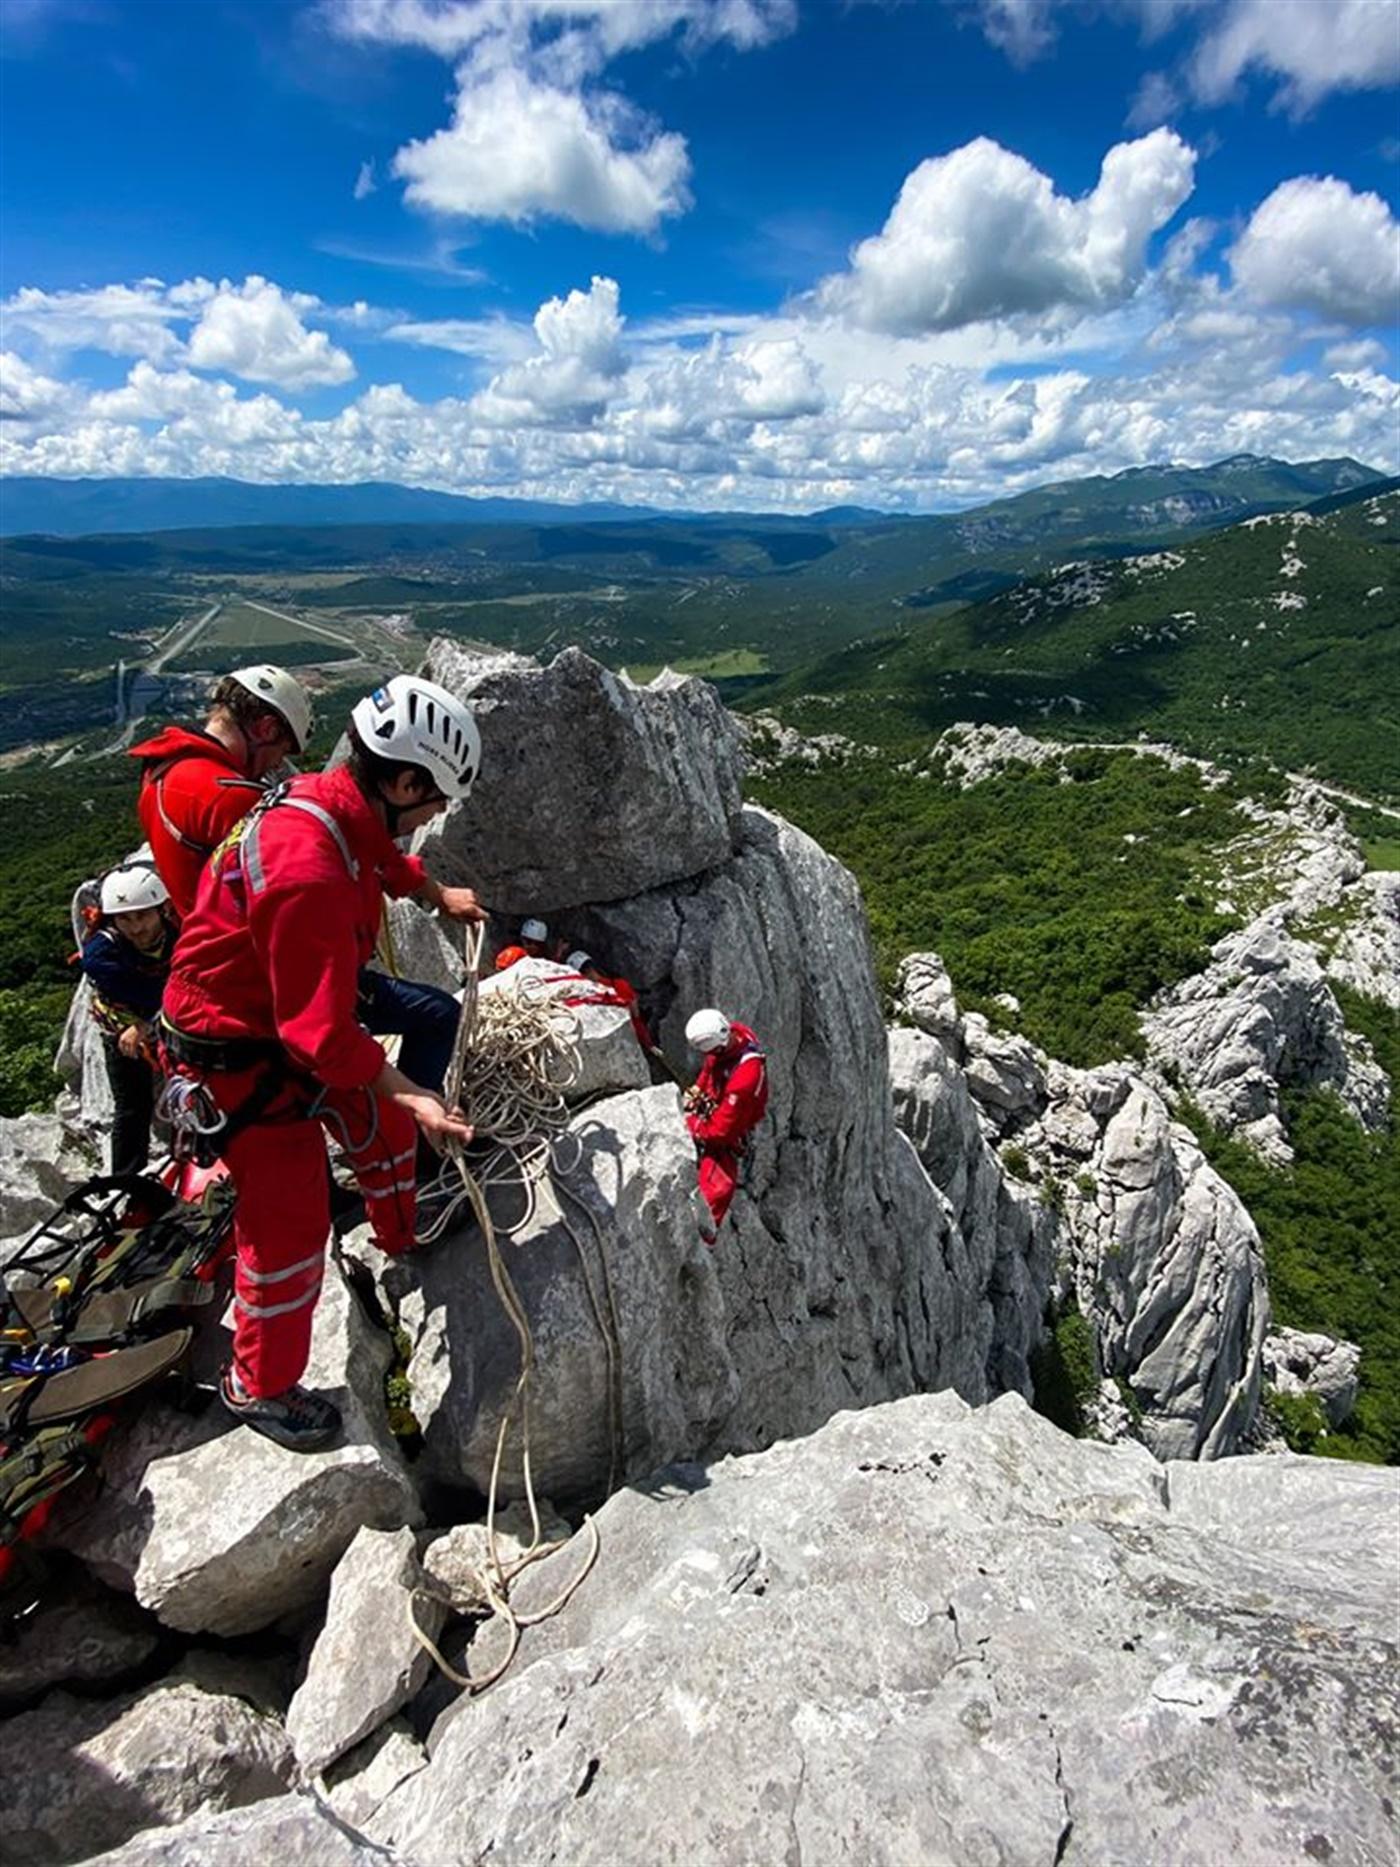 Ljetna vježba spašavanja HGSS Stanice Rijeka